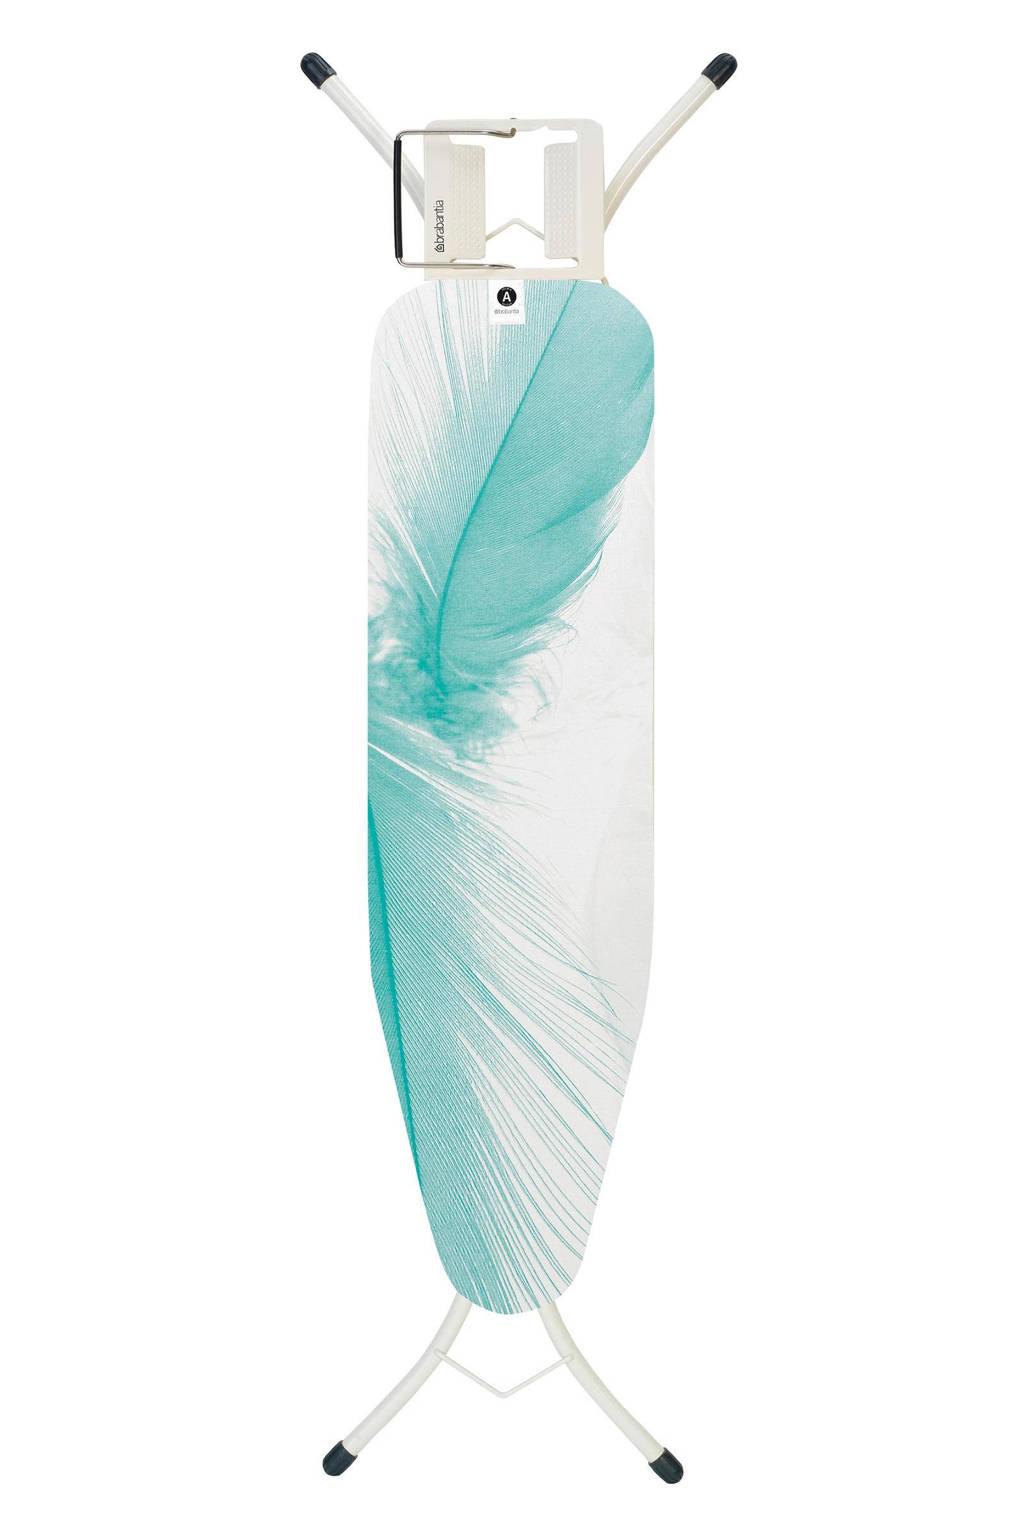 Brabantia Feathers 110x30 cm strijkplank, Ivoor